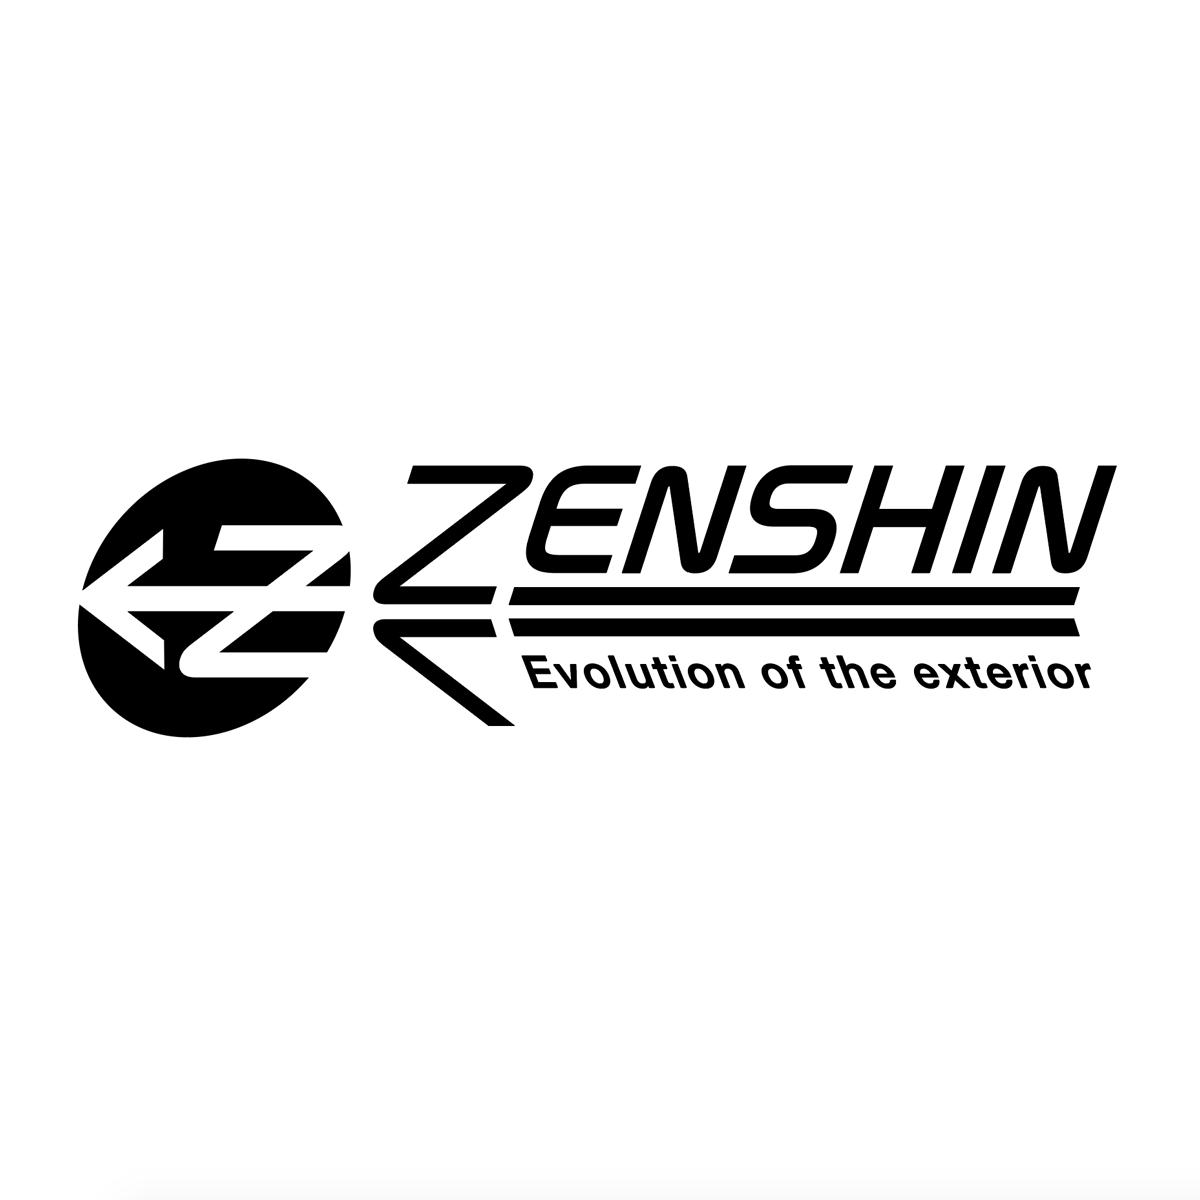 ZENSHIN ロゴデザイン